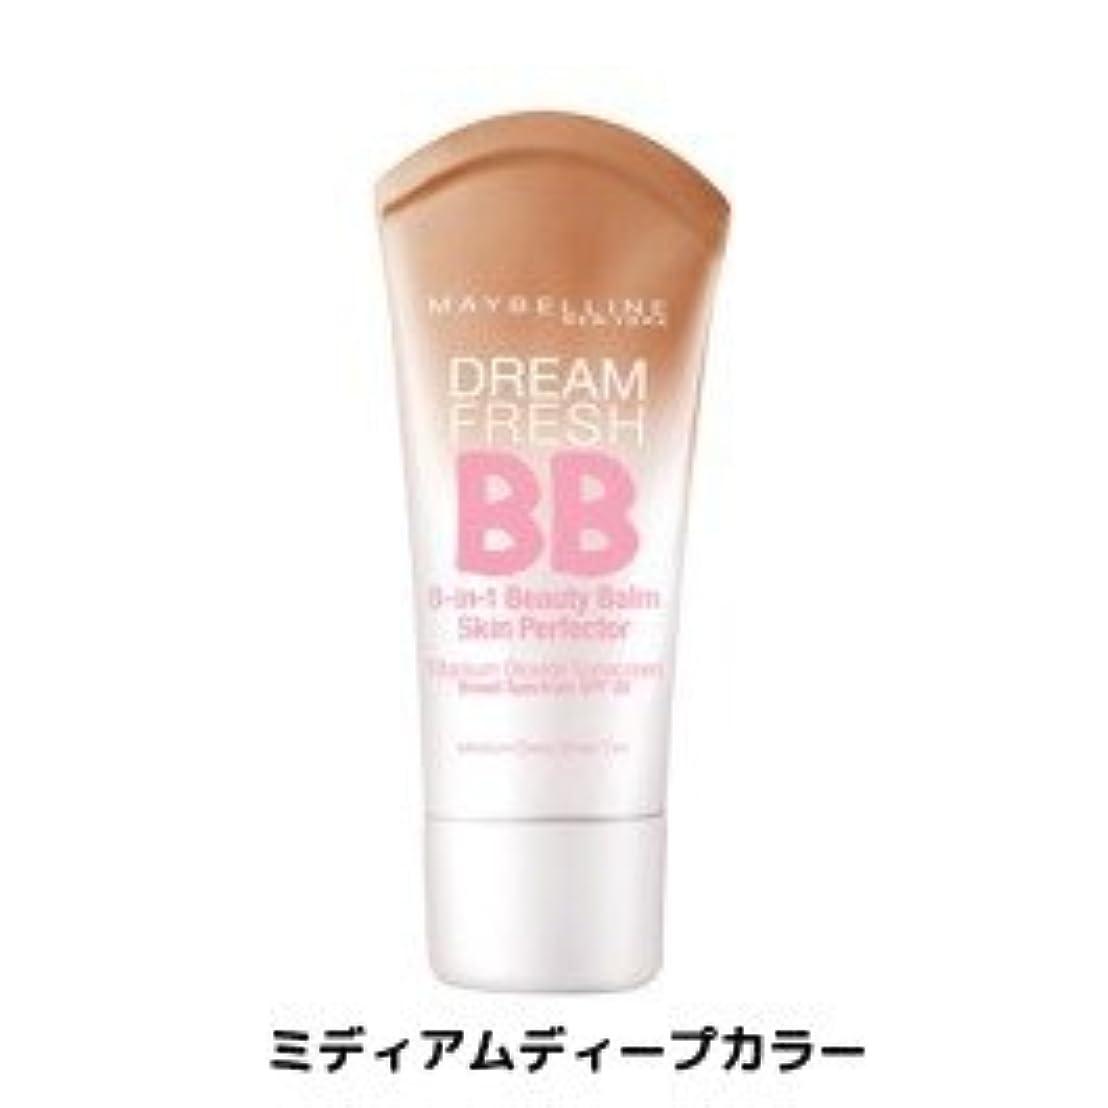 建築家クラッシュ業界メイベリン BBクリーム  SPF 30*Maybelline Dream Fresh BB Cream 30ml【平行輸入品】 (ミディアムディープカラー)